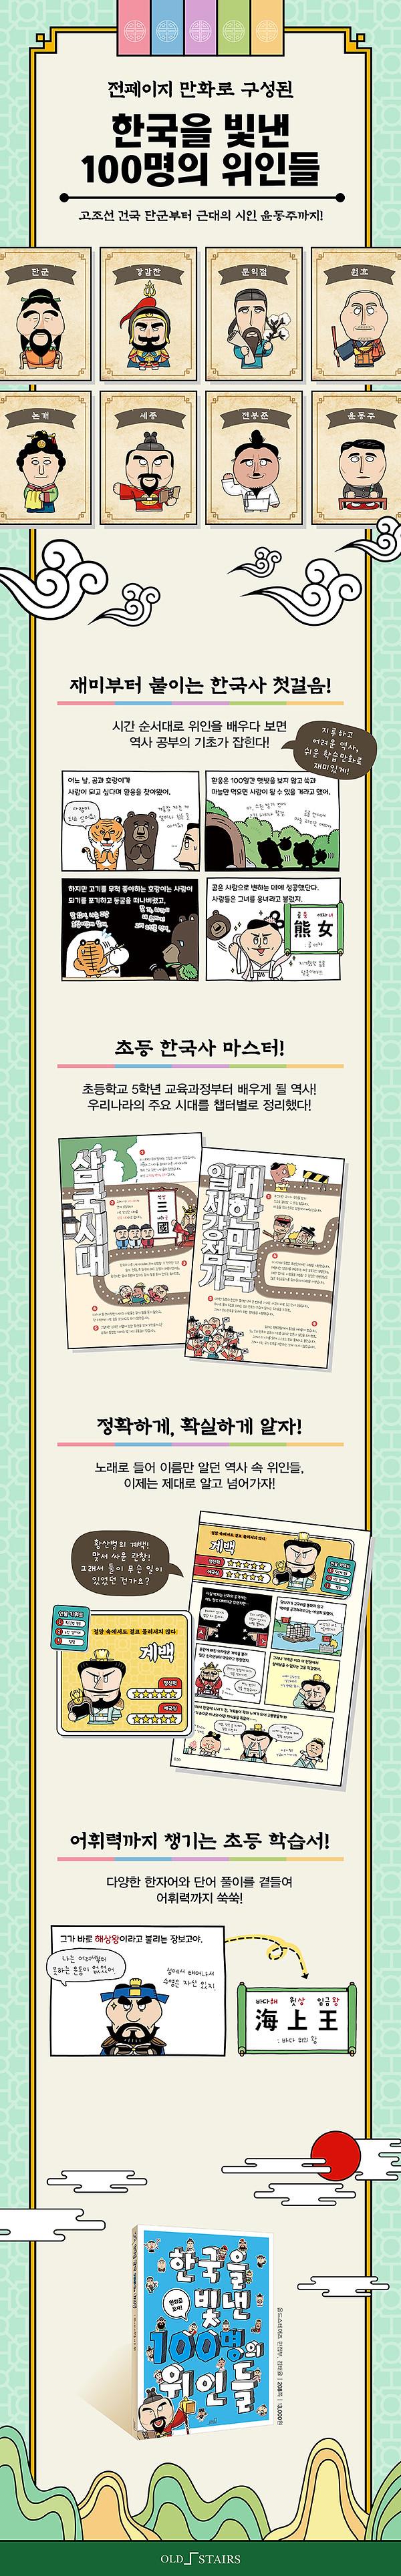 [상세수정] 한국을 빛낸 100명의 위인들_210705_나래(목업수정).jpg